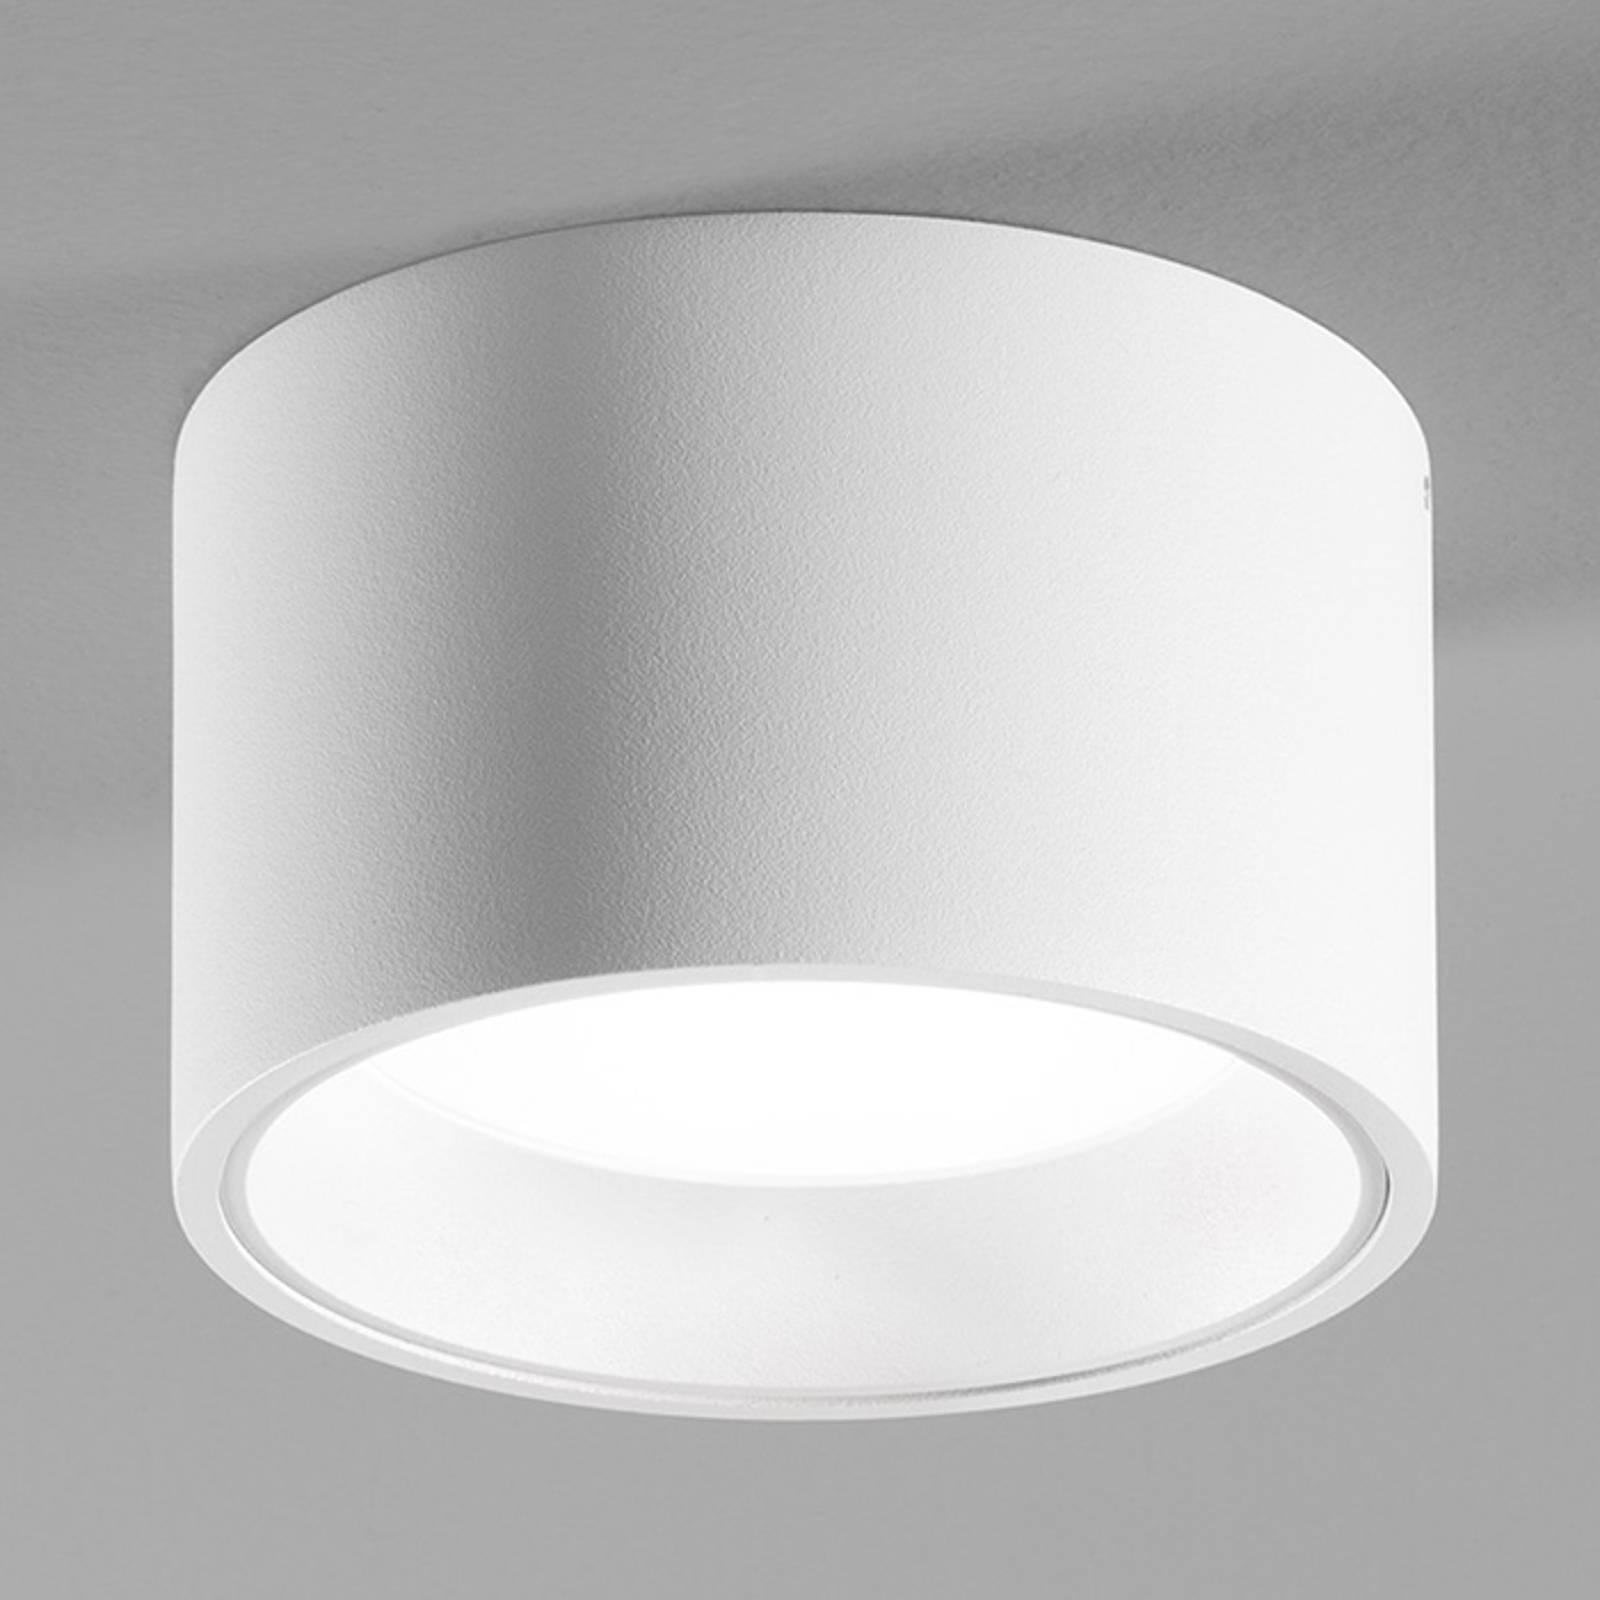 Valkoinen LED-kattovalaisin Ringo ja IP54